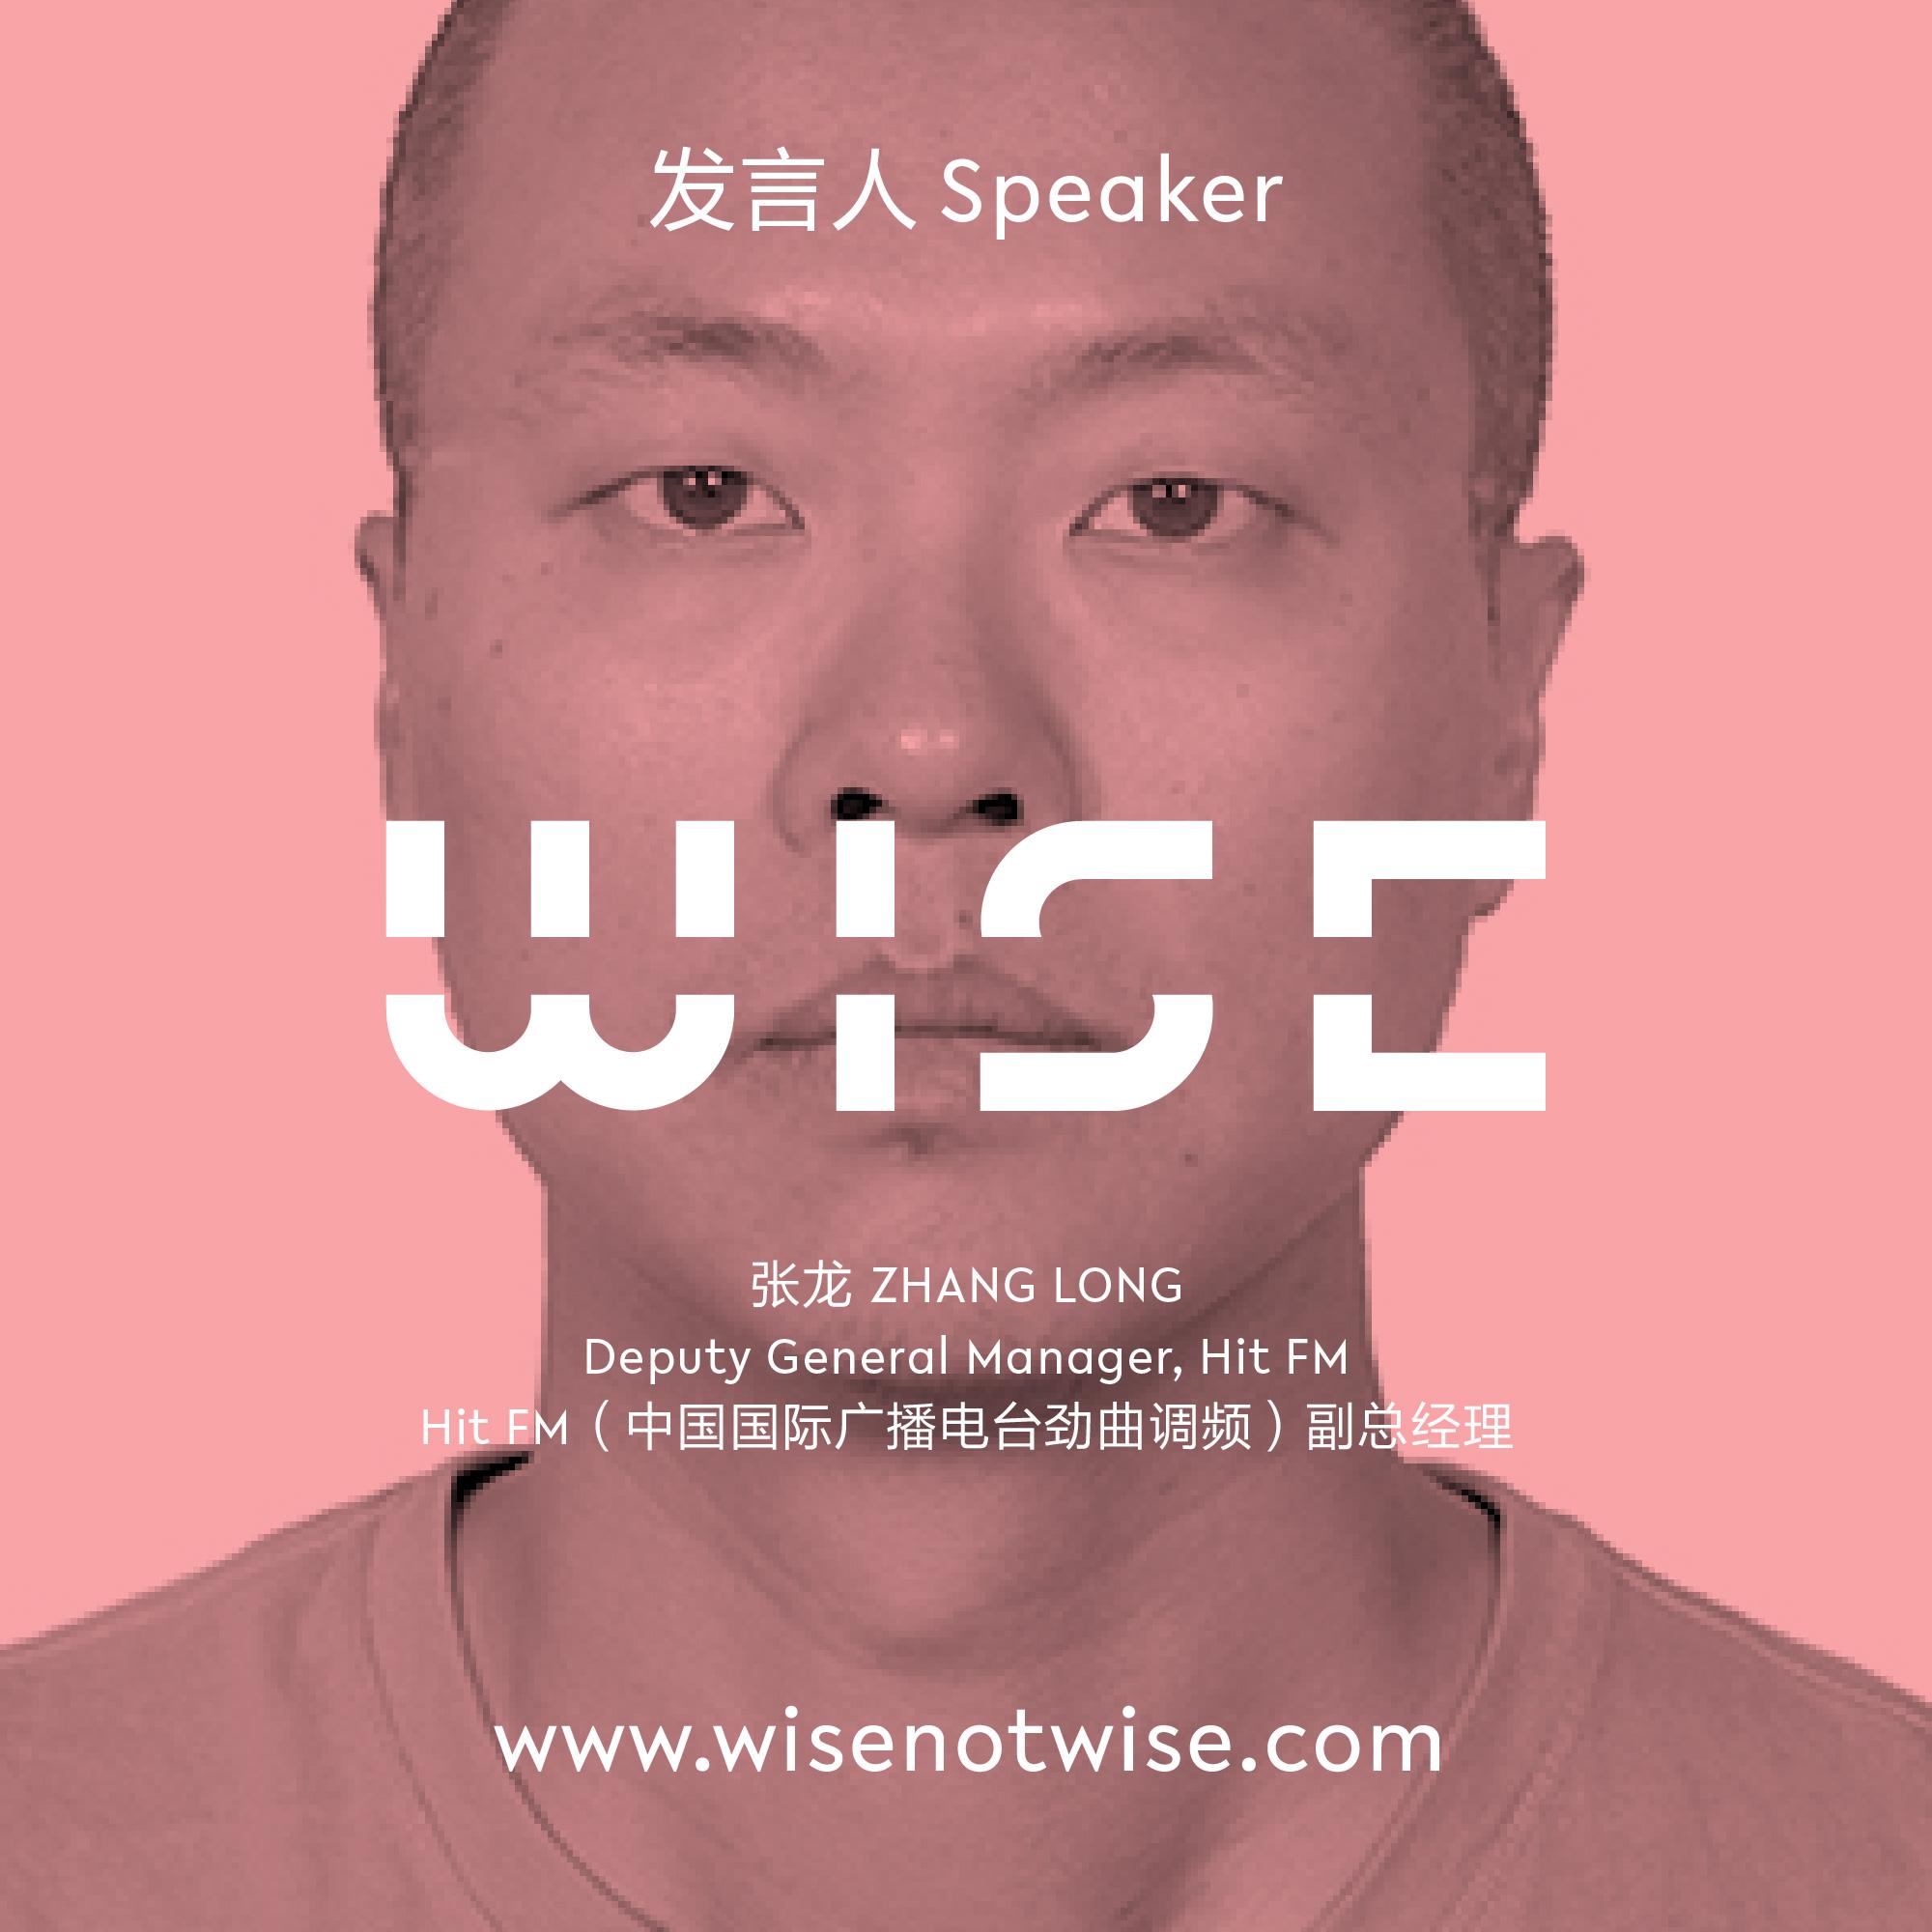 张龙,Hit FM(中国国际广播电台劲曲调频)副总经理